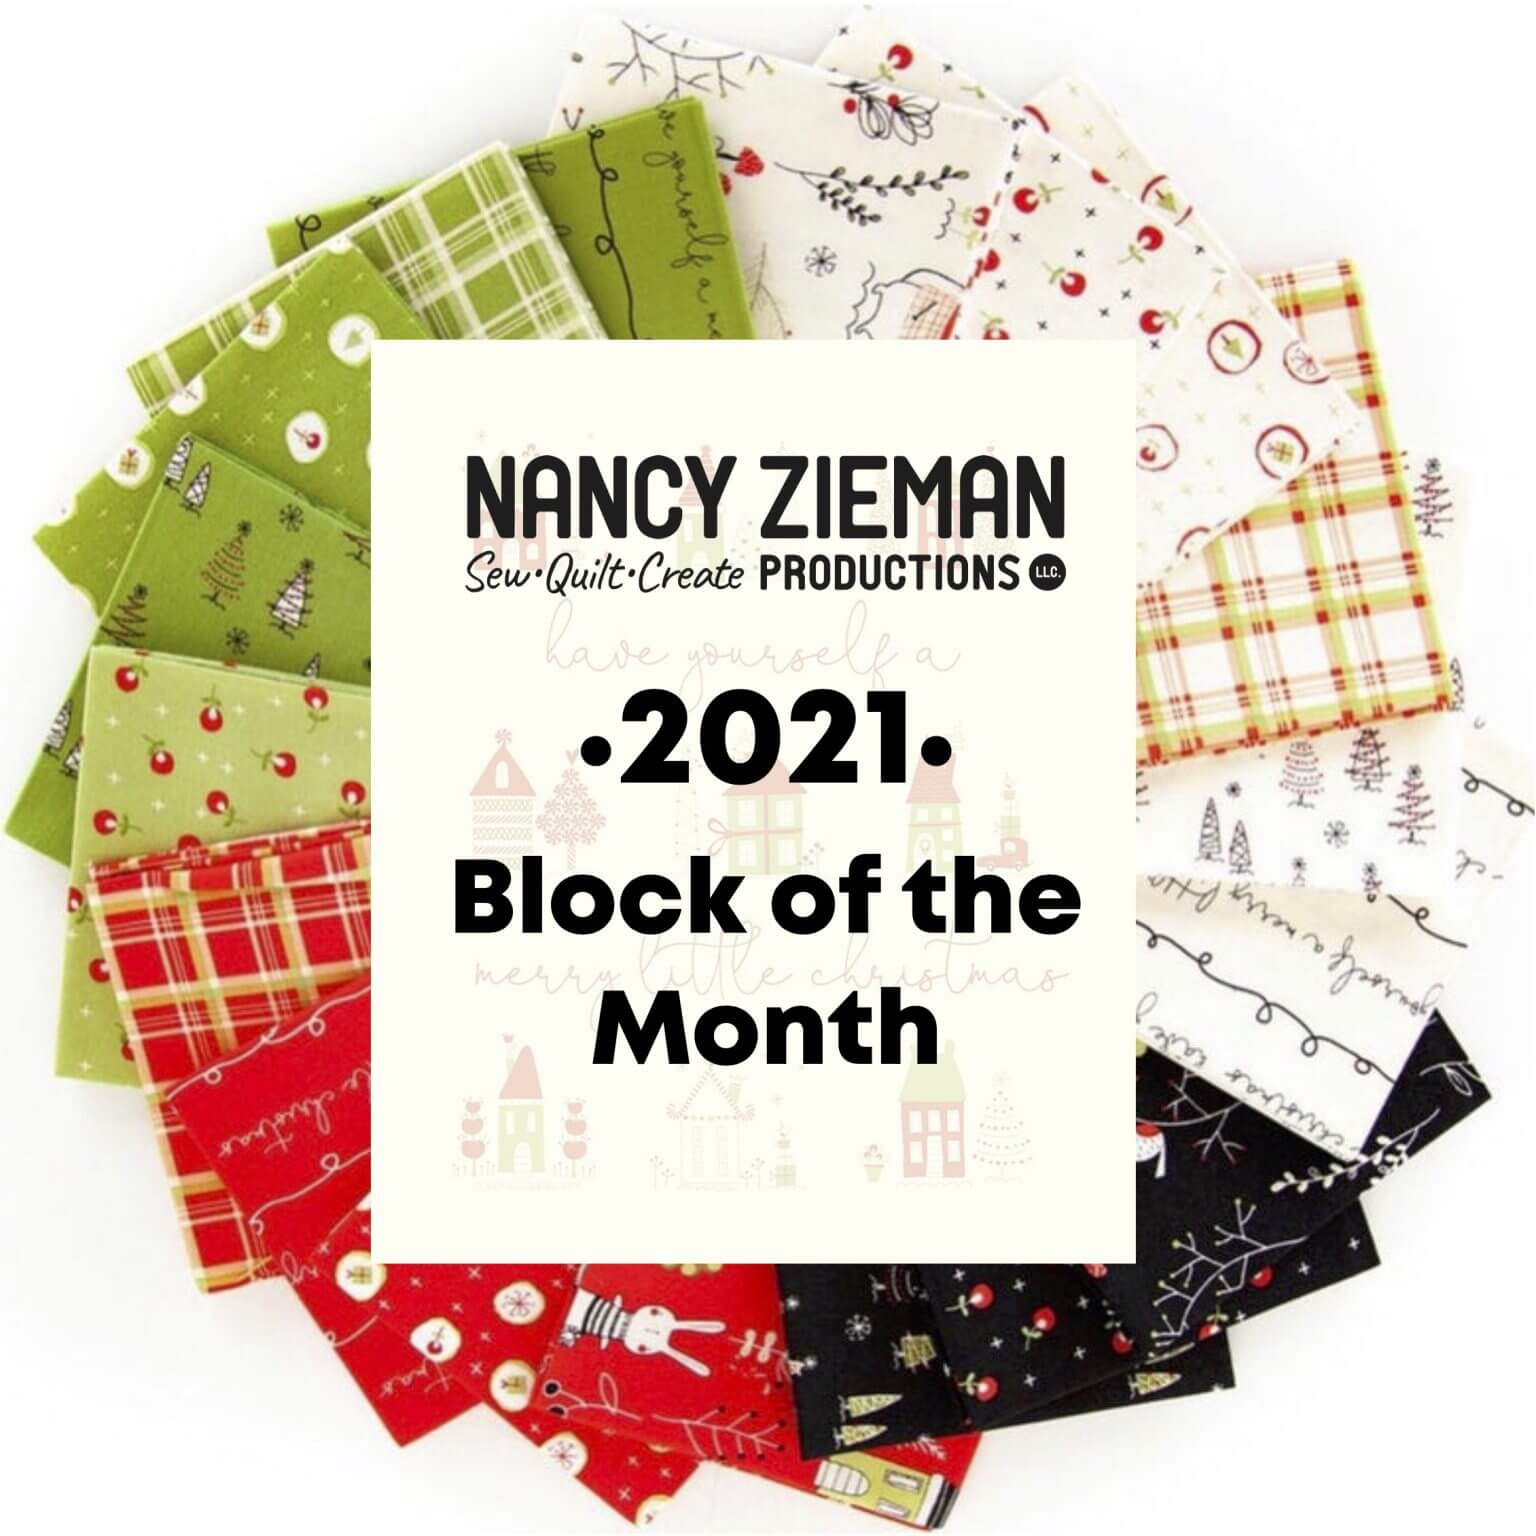 Nancy Zieman Productions 2021 Block of the Month Mystery Christmas Quilt at The Nancy Zieman Productions Blog